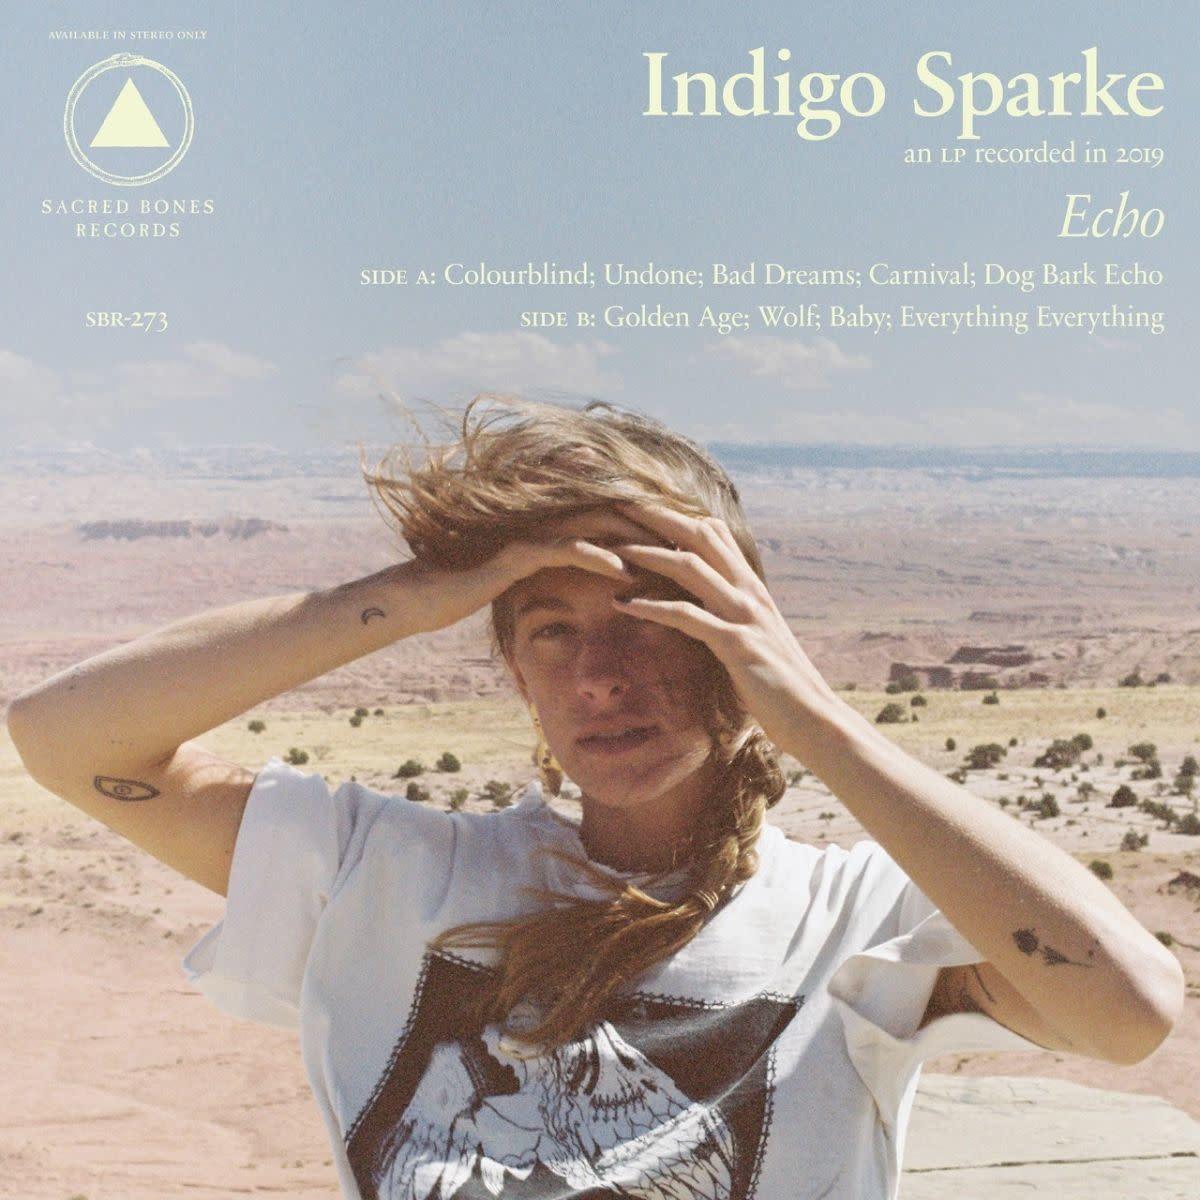 Sacred Bones Records Indigo Sparke - Echo